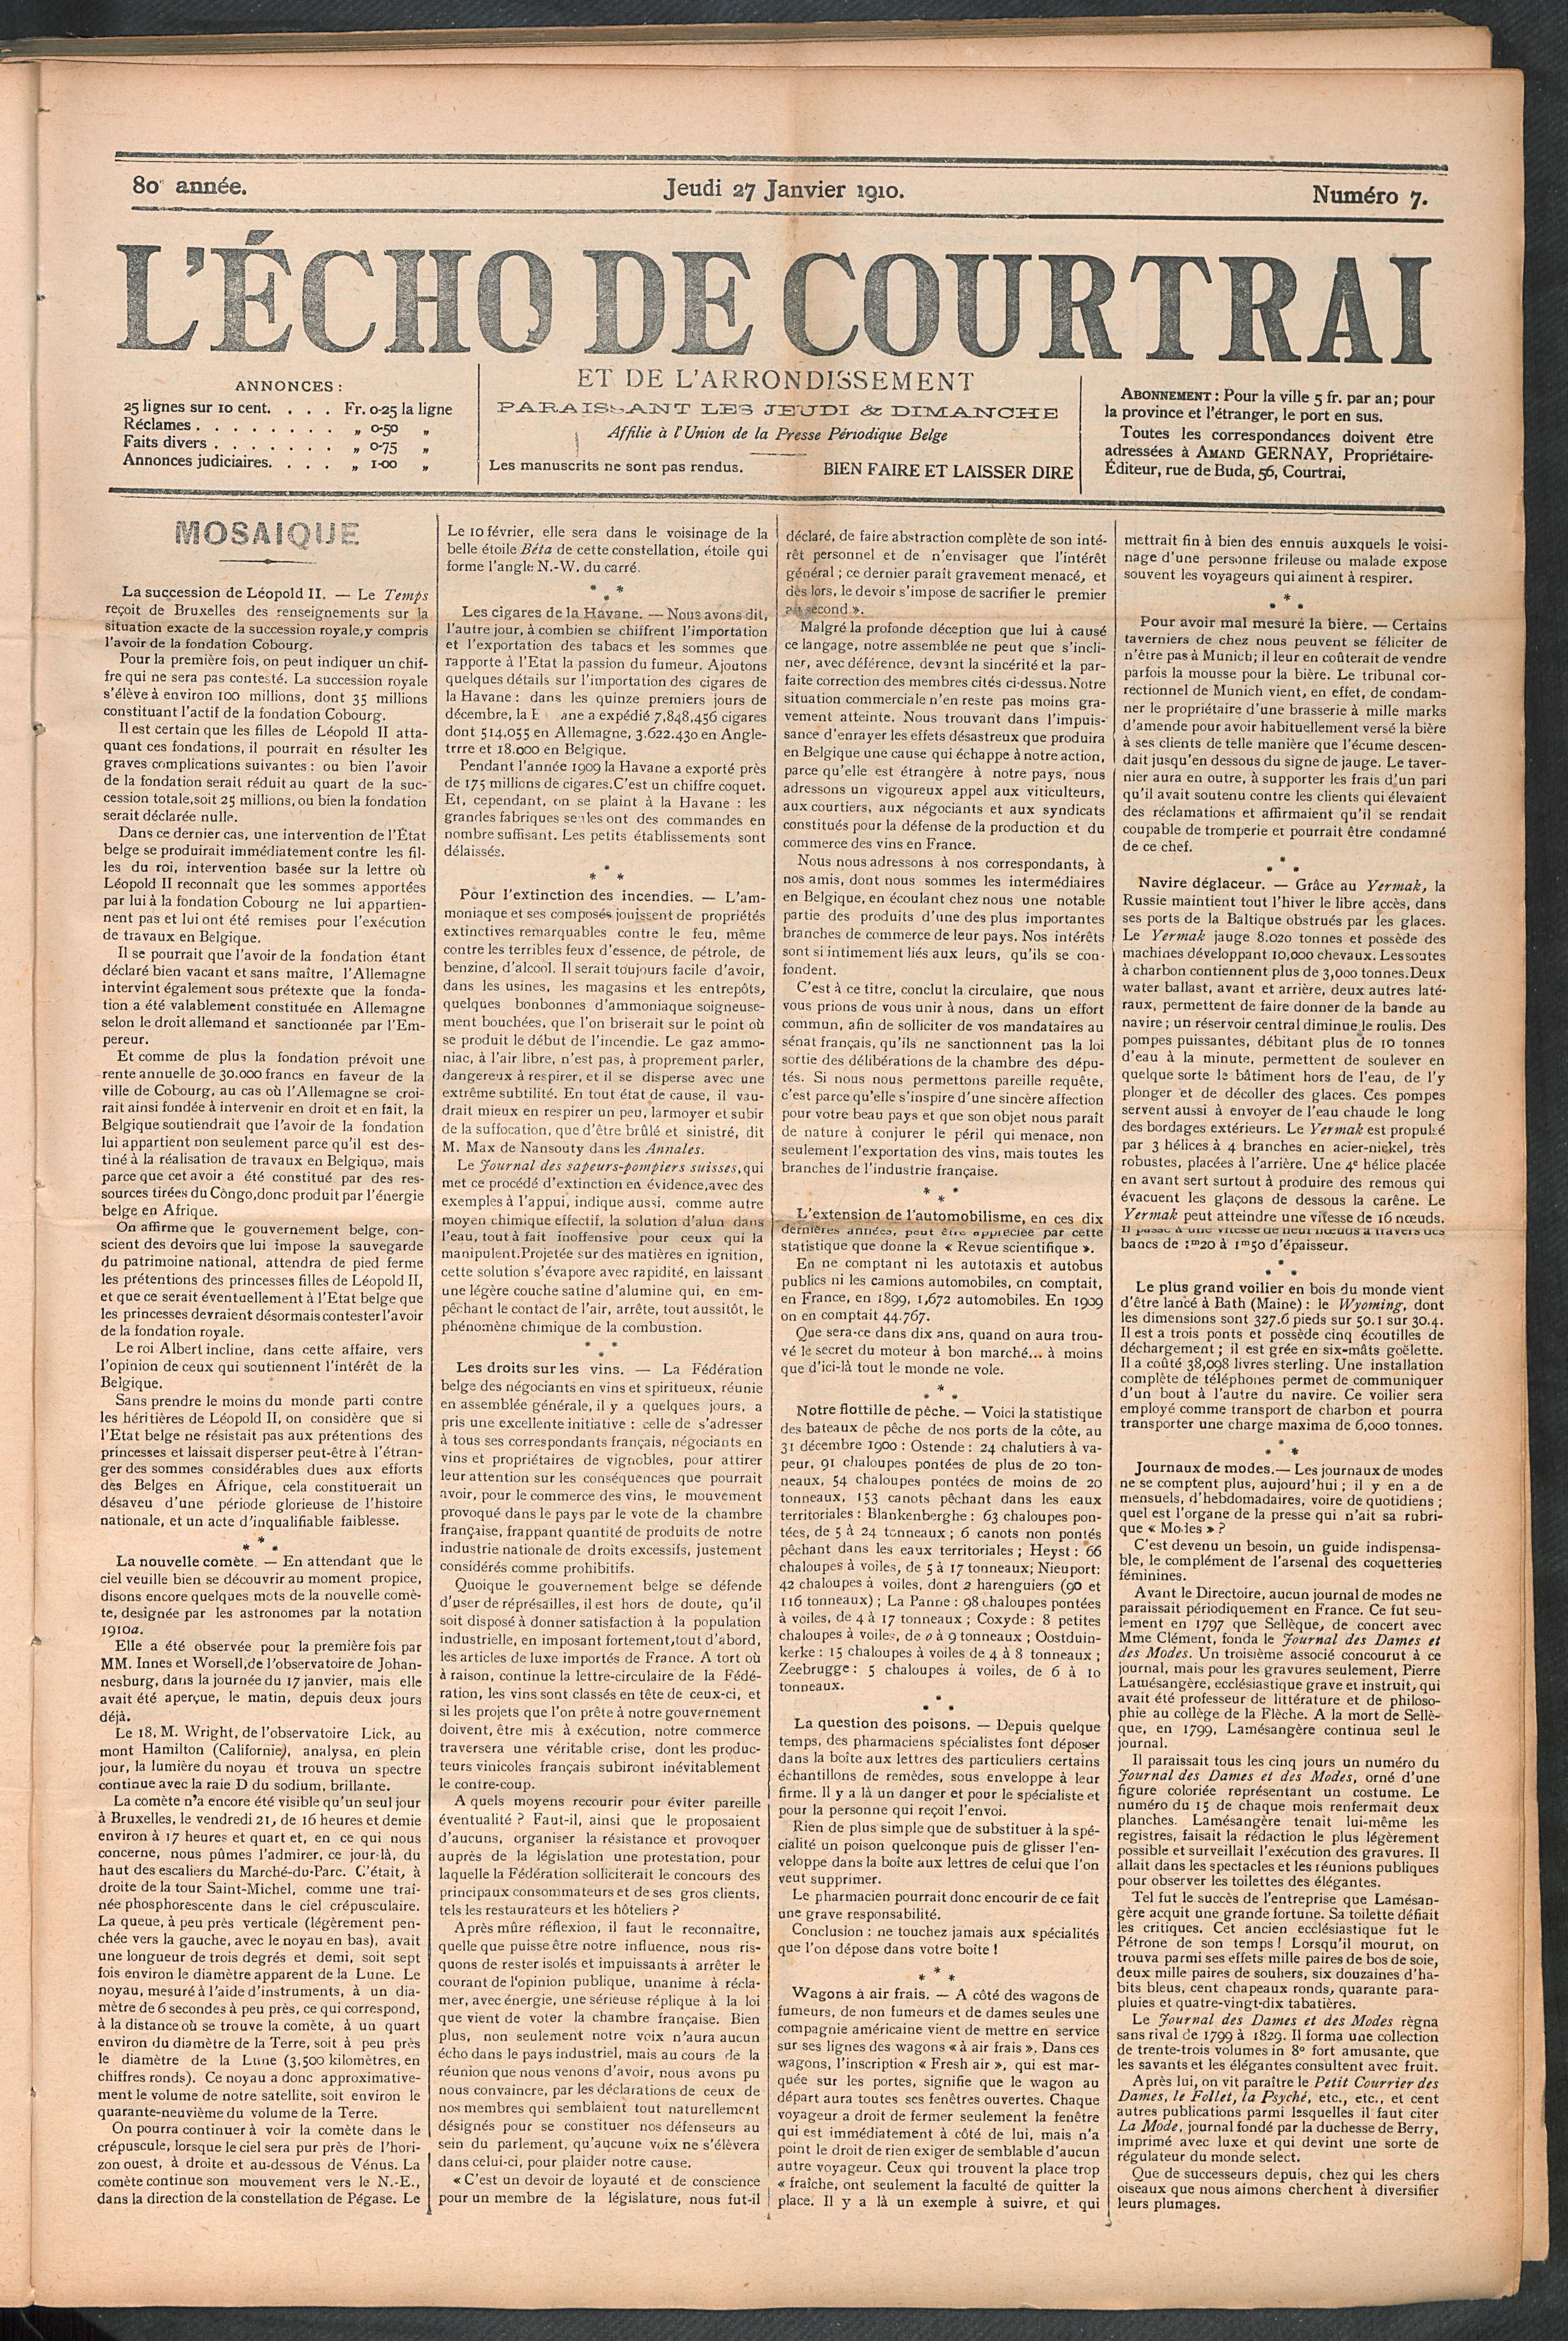 L'echo De Courtrai 1910-01-27 p1